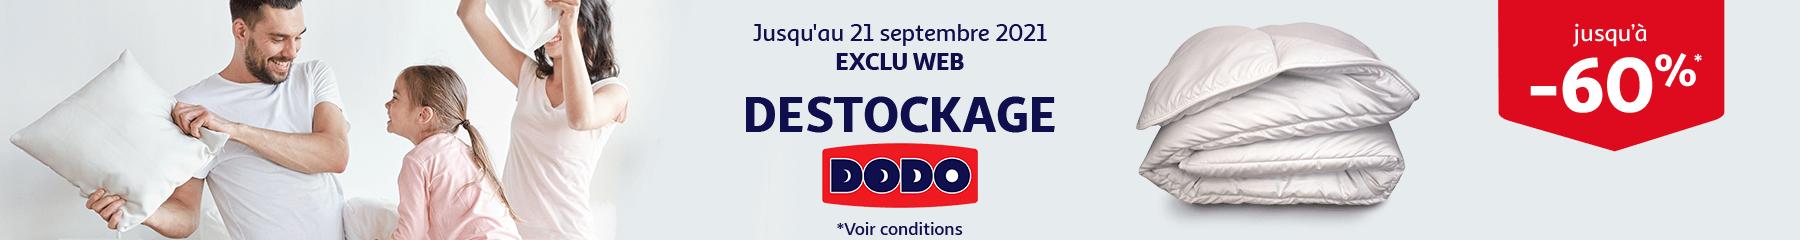 Déstockage Dodo